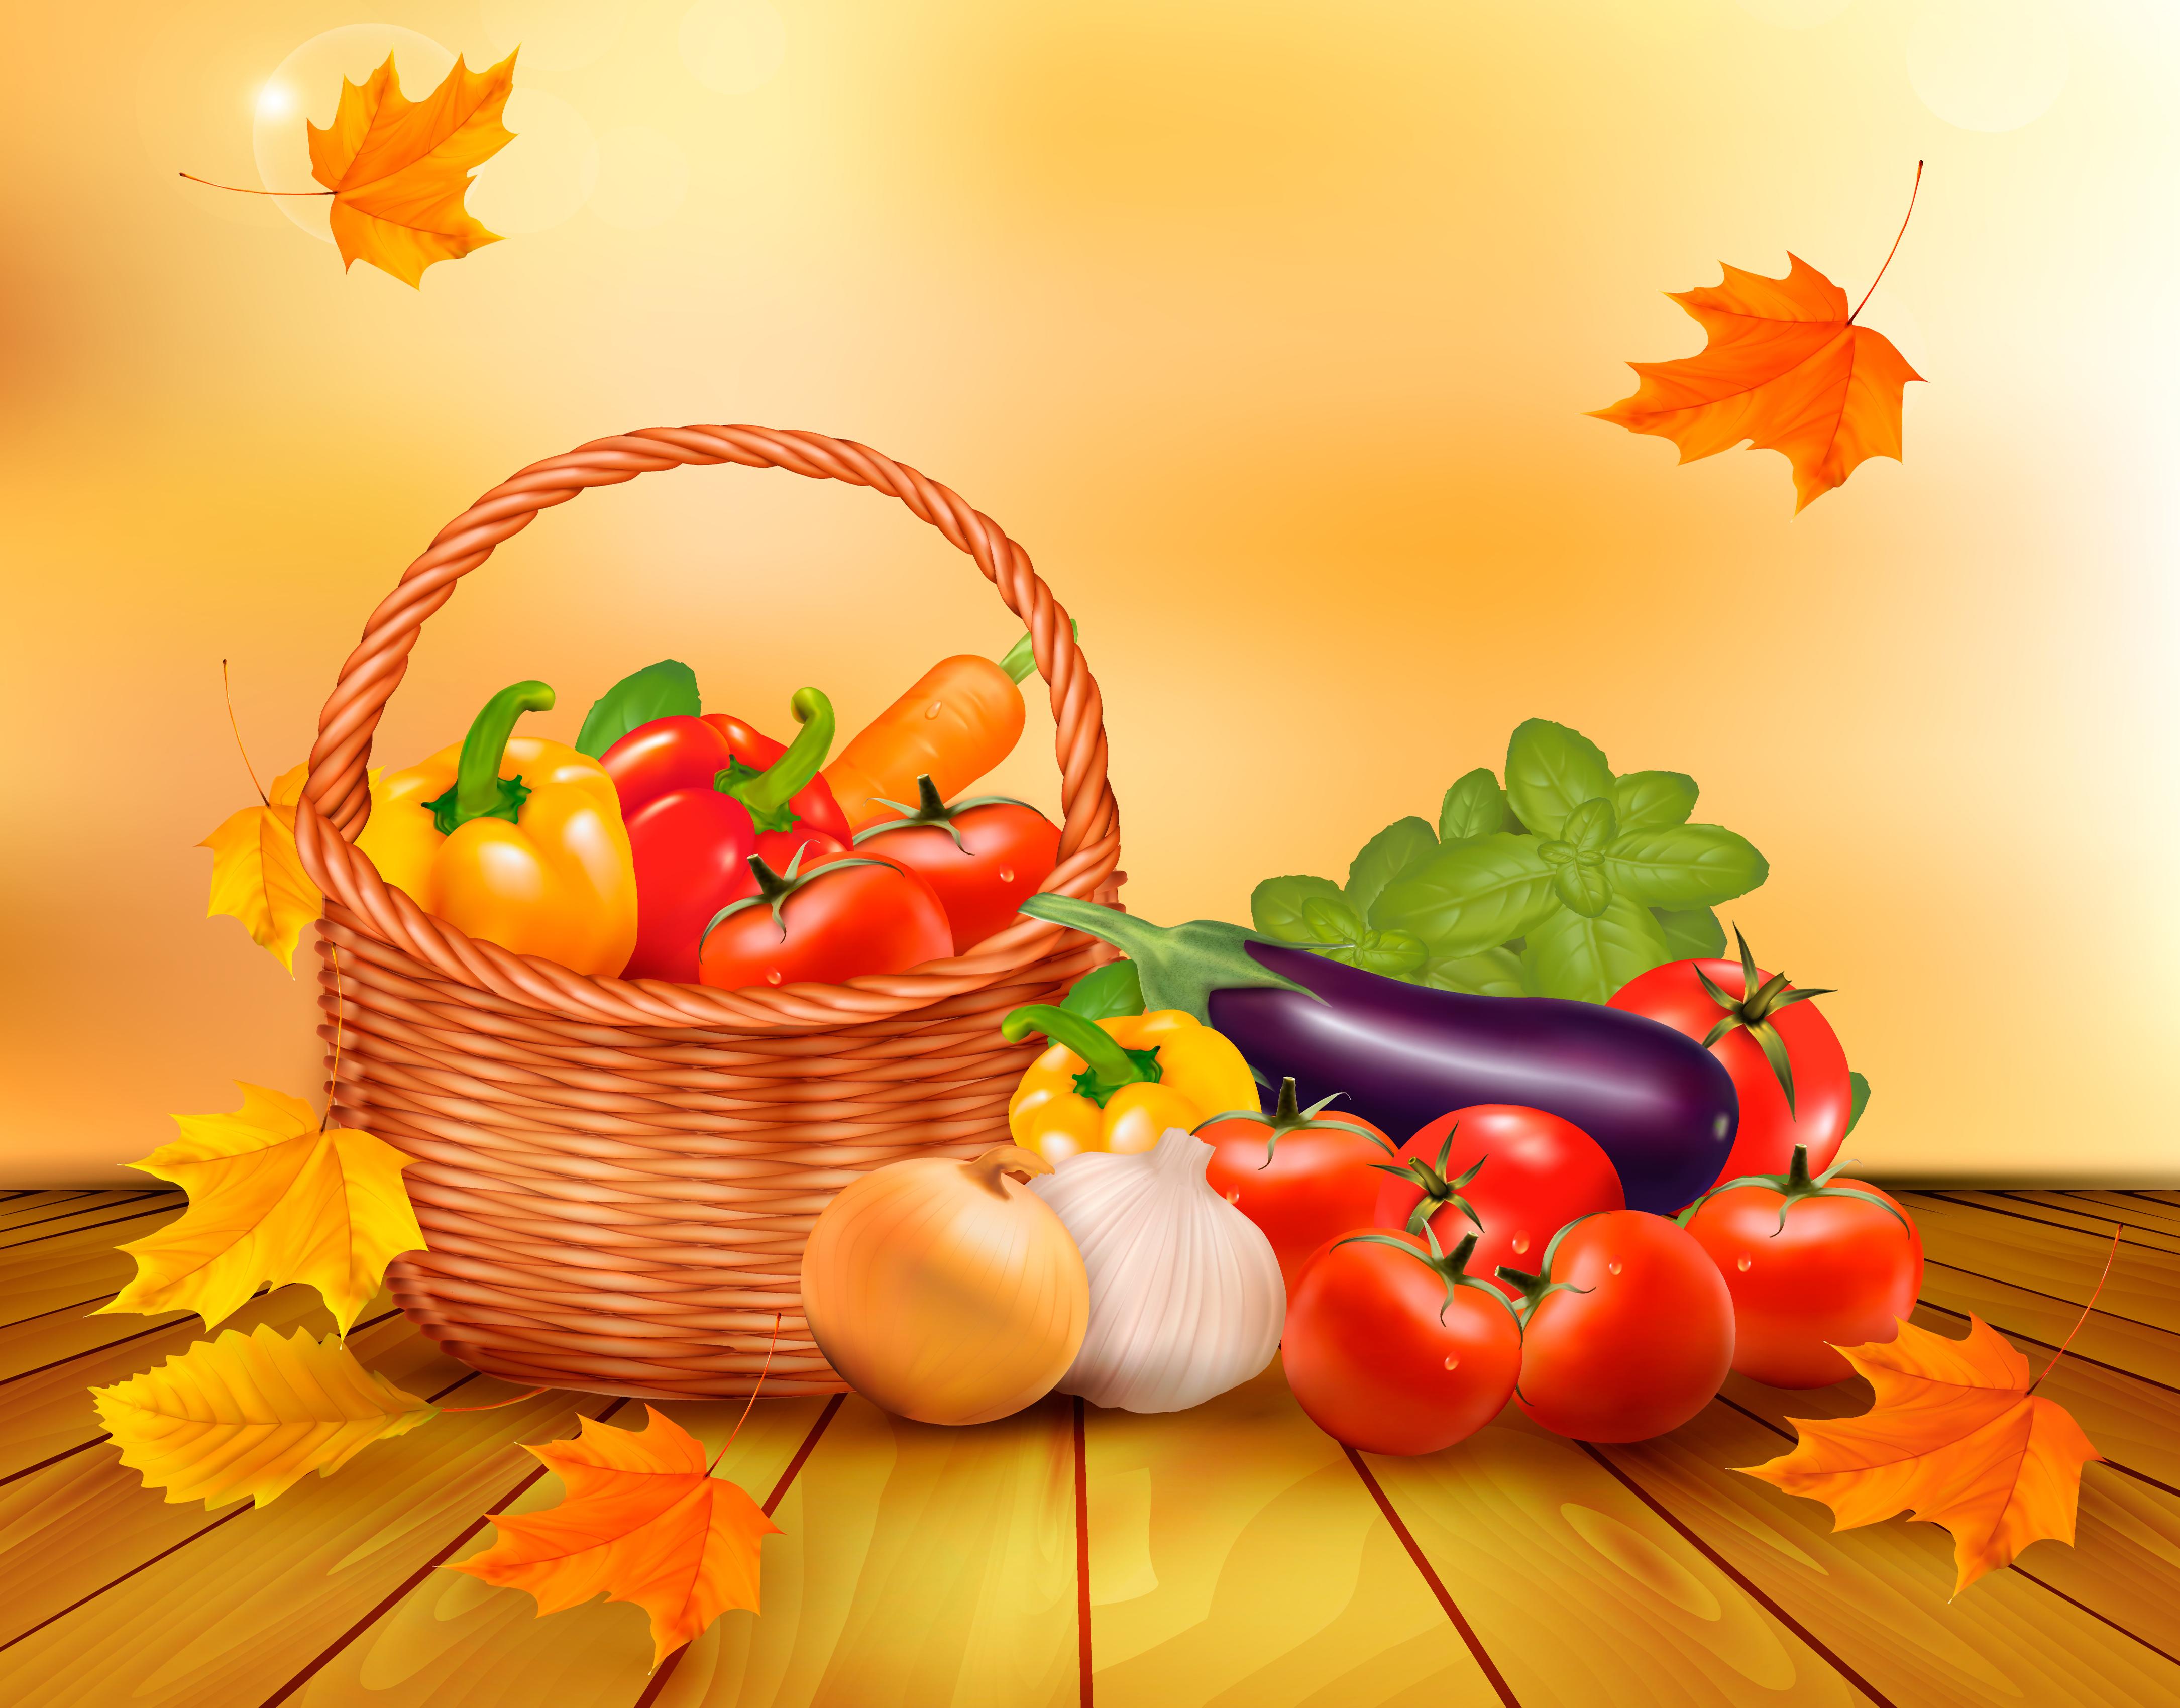 обои на рабочий стол овощи фрукты осень 15488